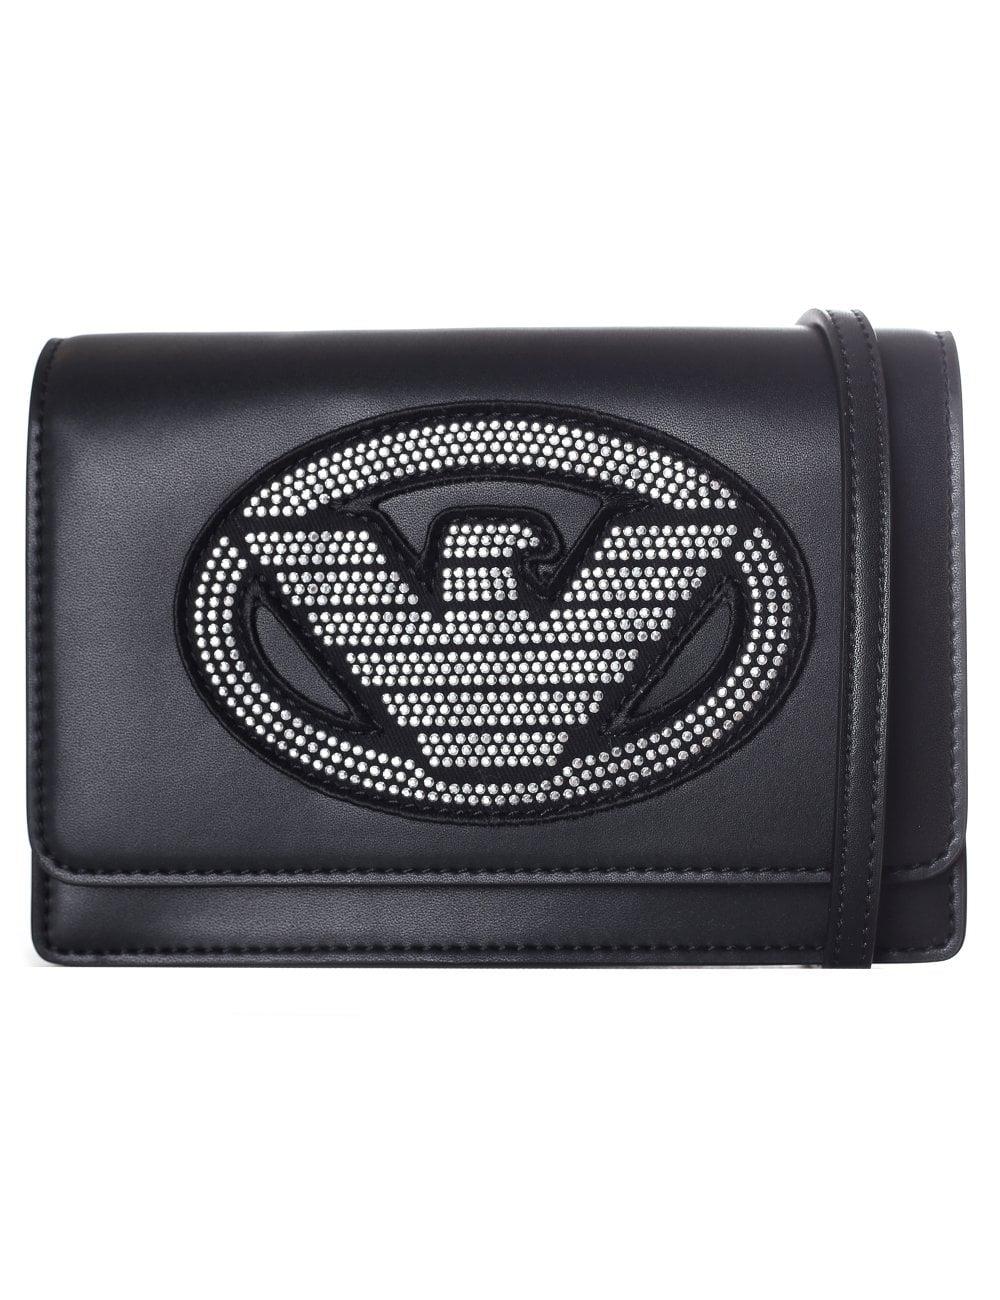 Emporio Armani Women s Embellished Eagle Sling Bag Black a8c5b7c24d29d